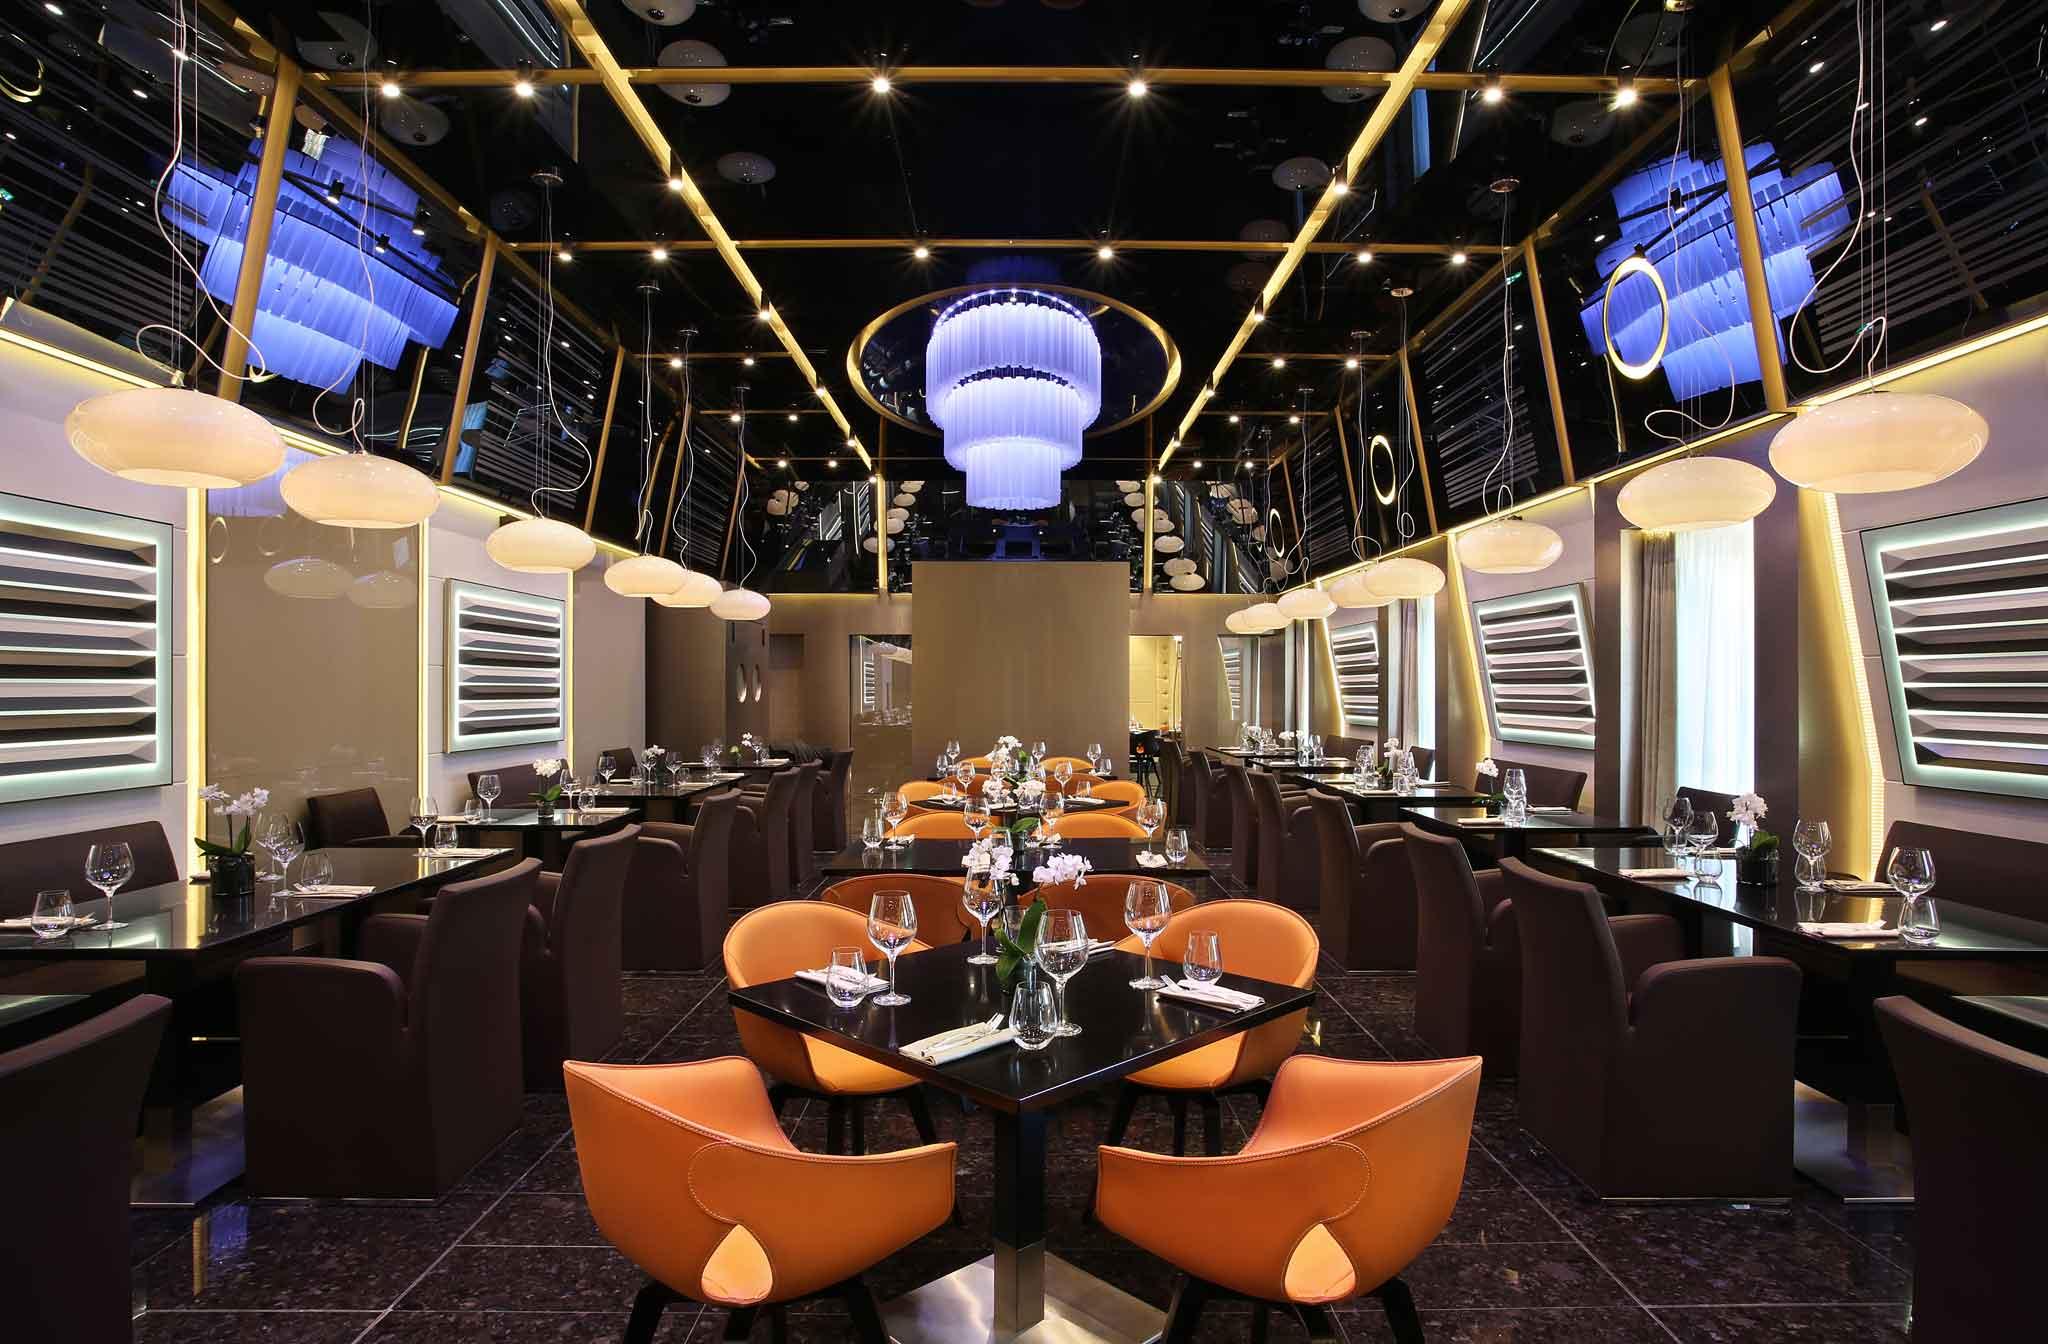 terrazza-gallia-restaurant